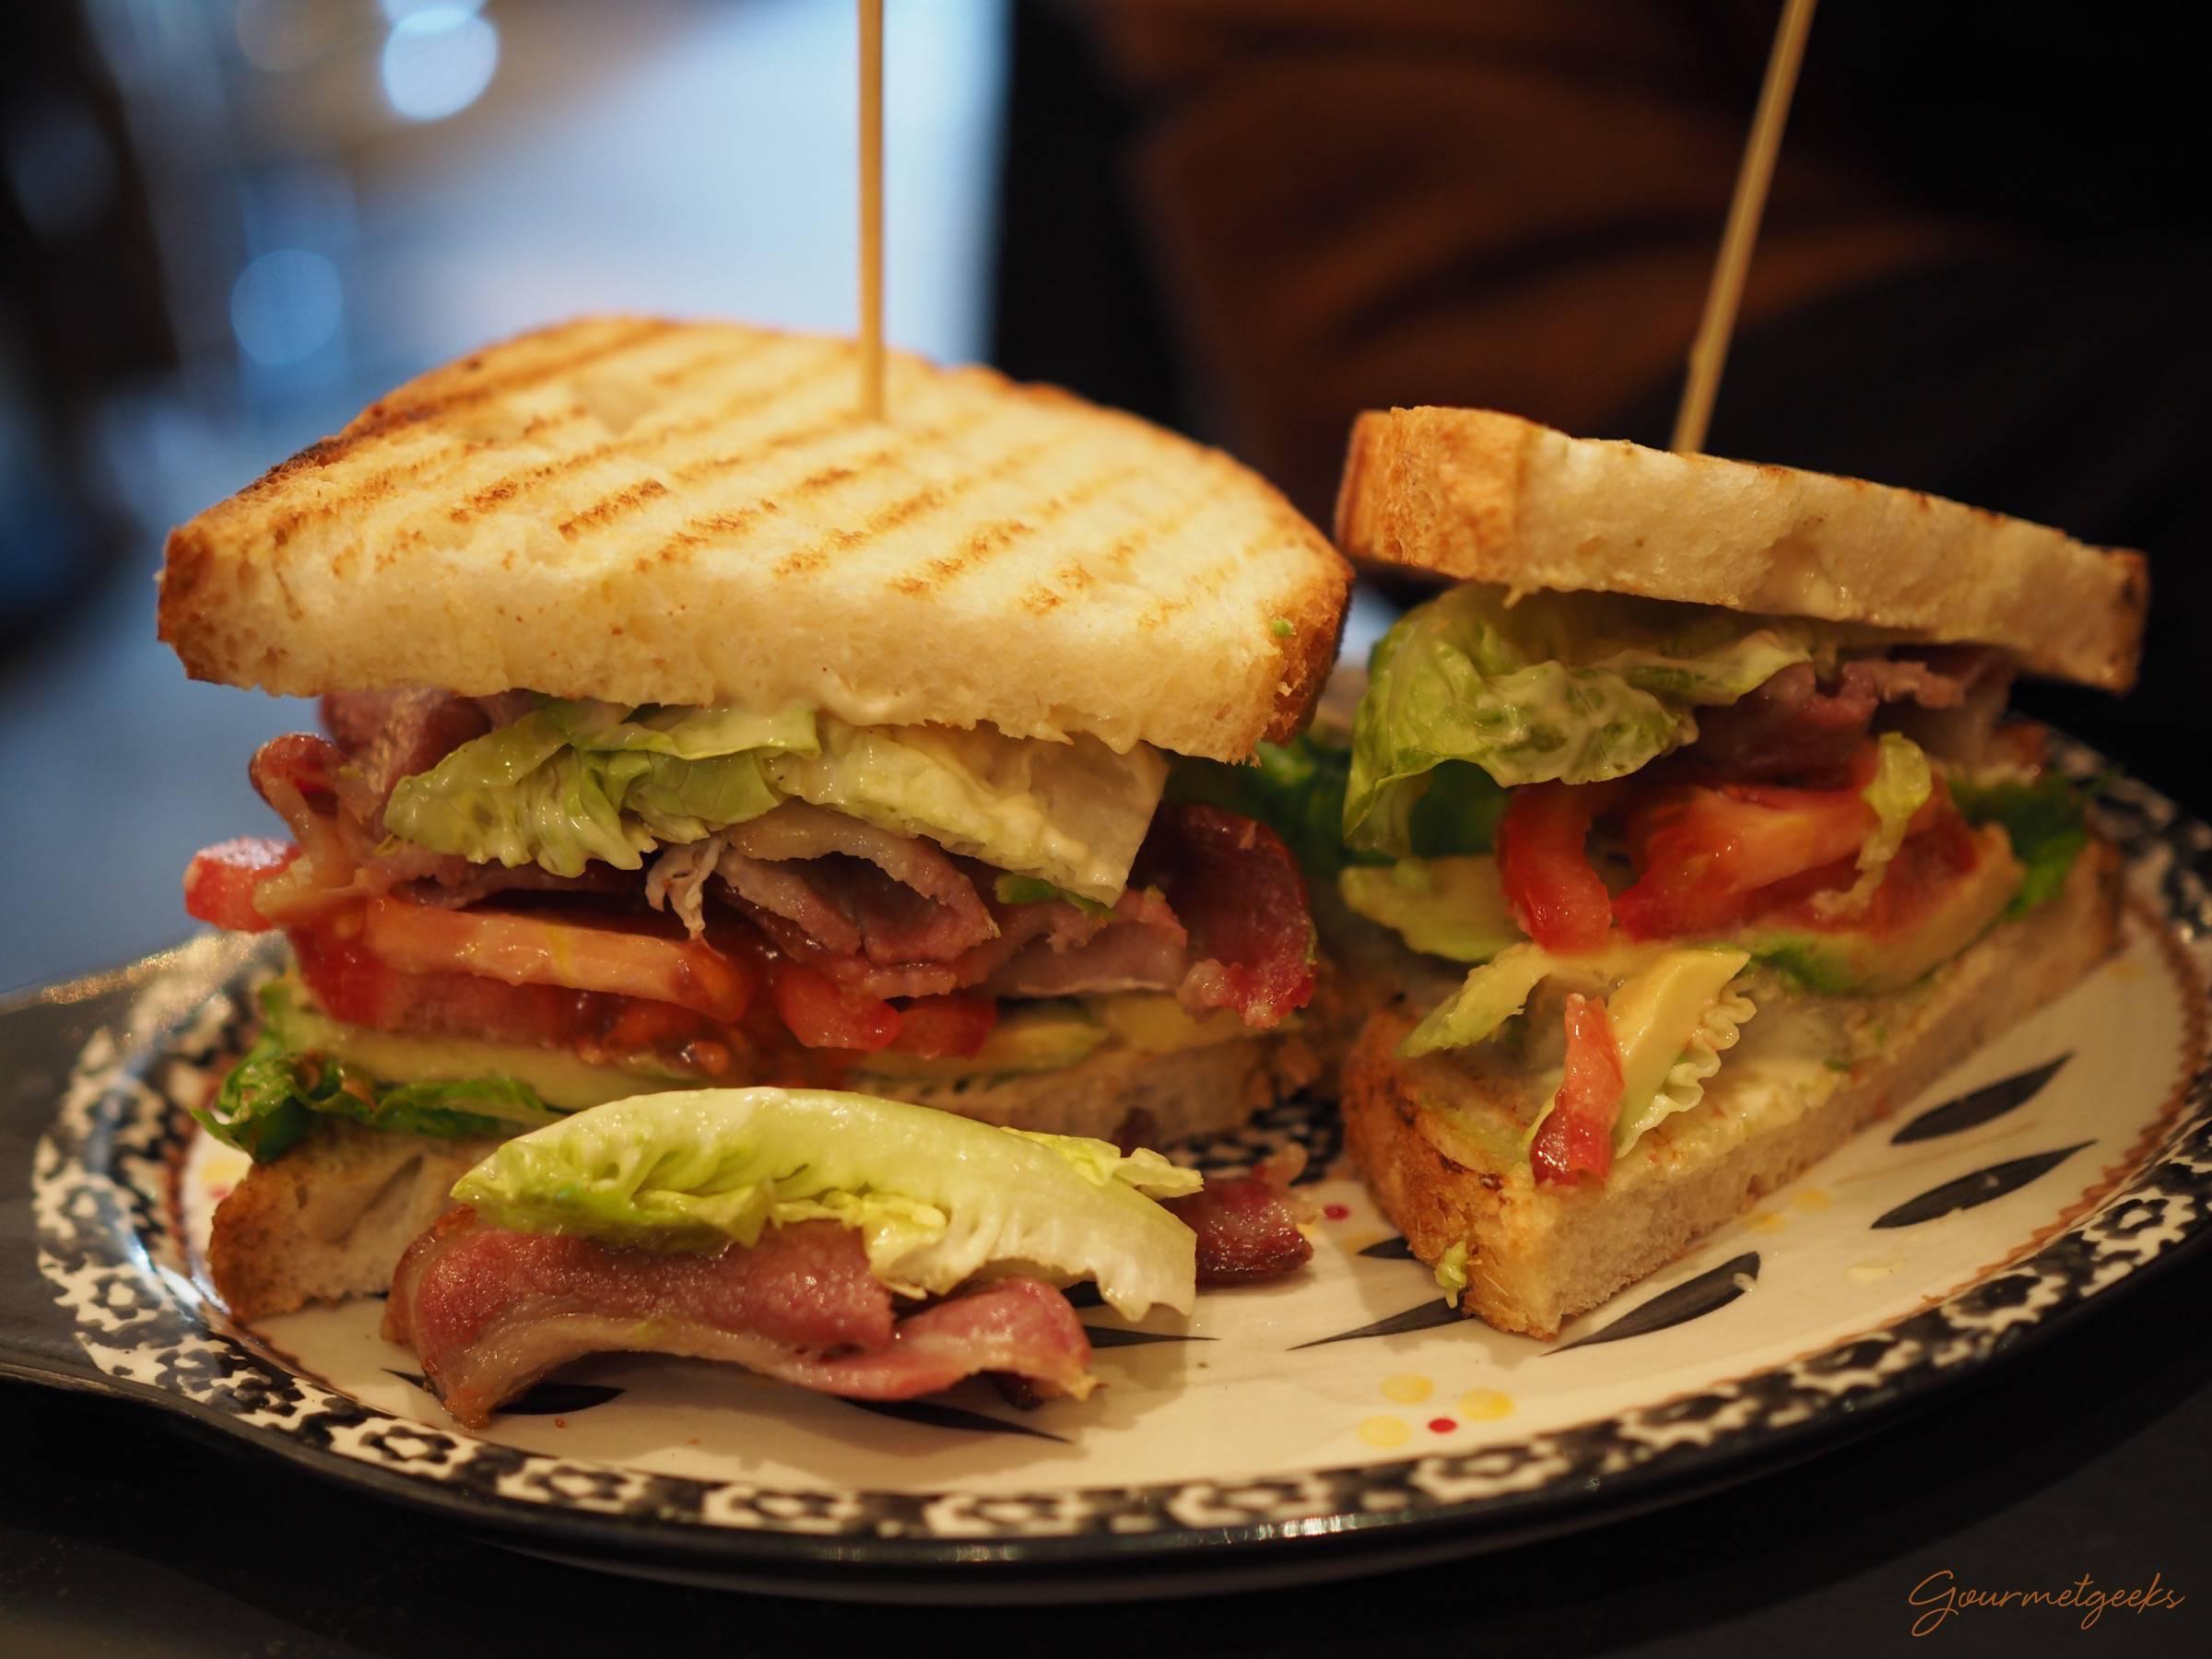 Sandwich, mhmm...